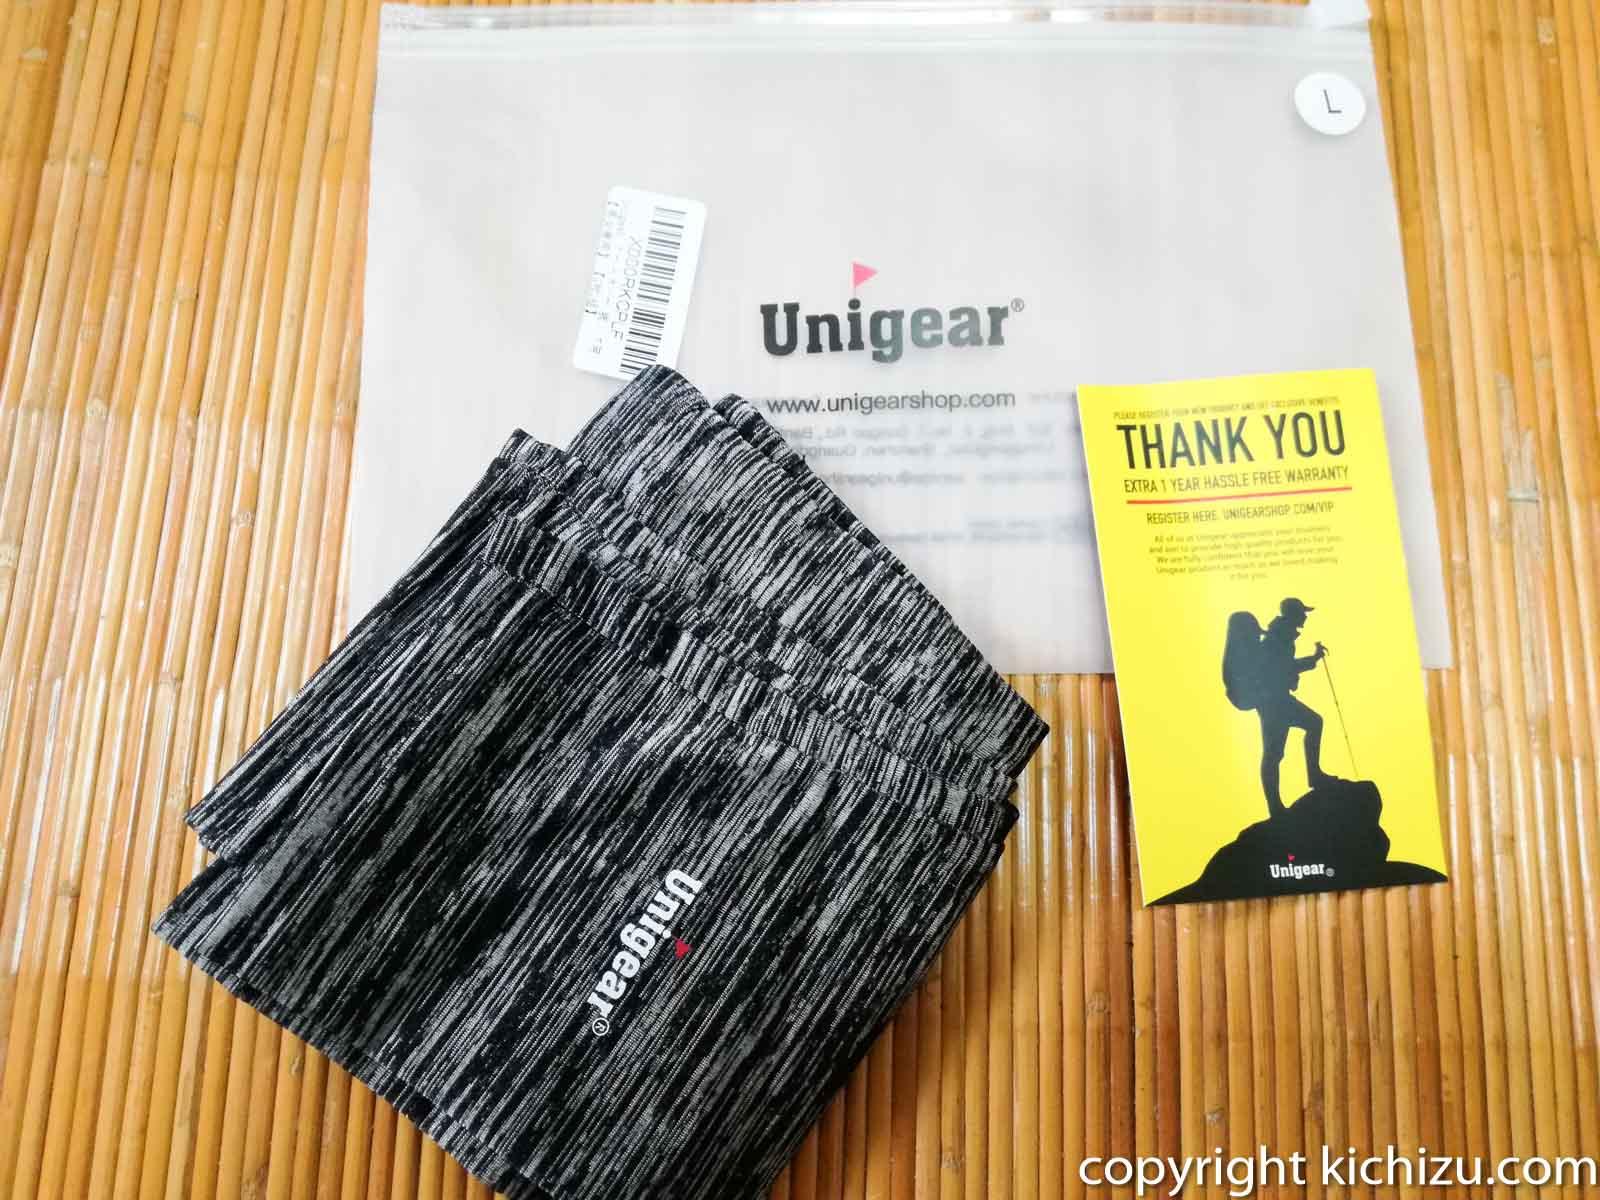 Unigear アームカバー 腕カバーの付属品一覧